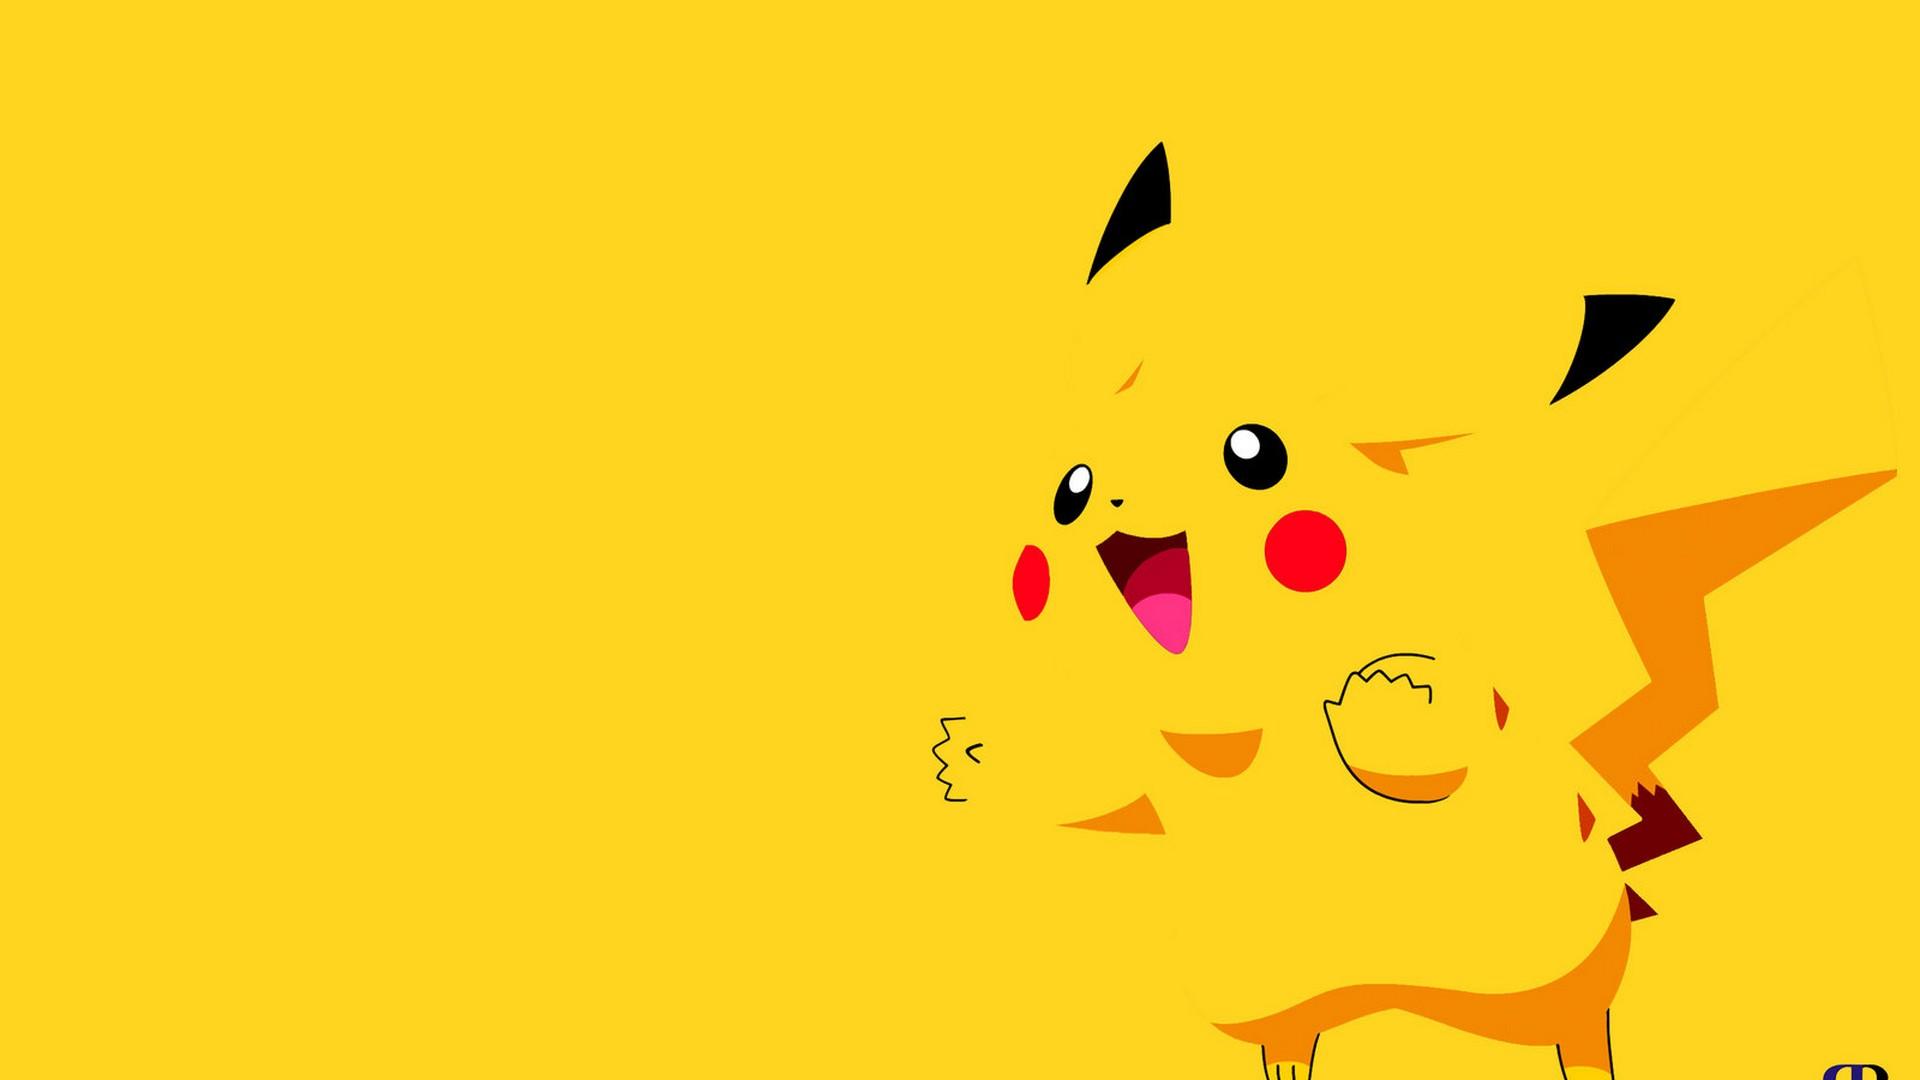 Hình 8: Hình nền Powerpoint dễ thương Pikachu